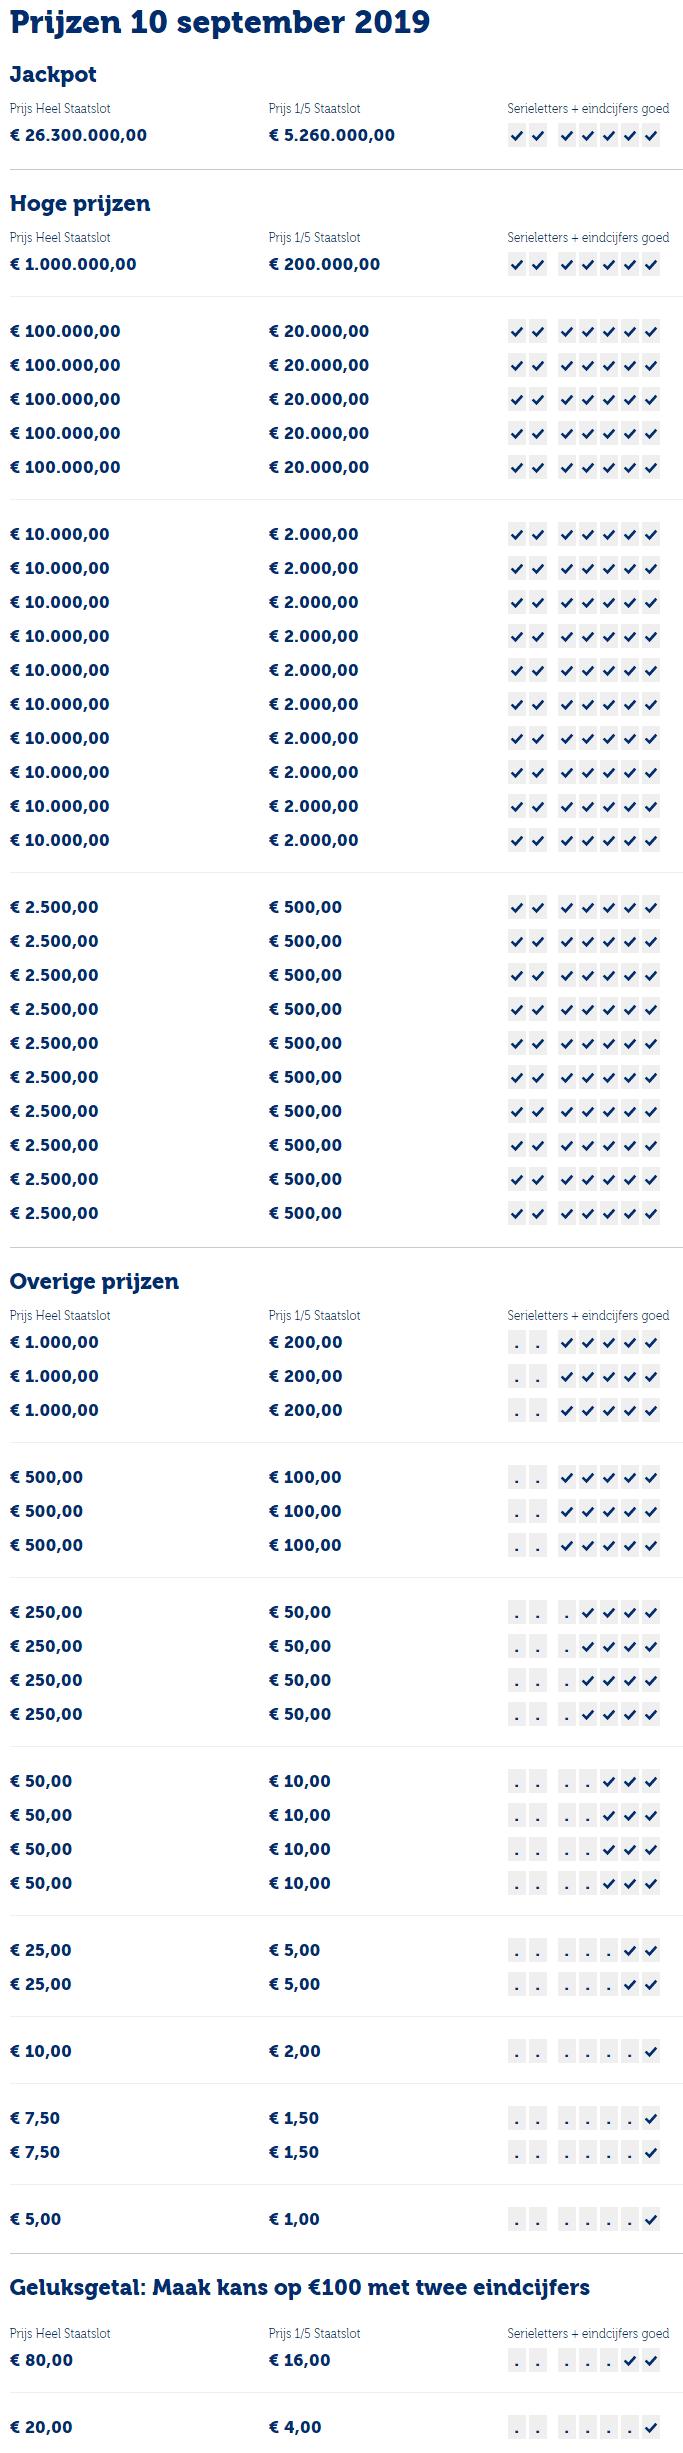 staatsloterij prijzenpakket 10 september 2019